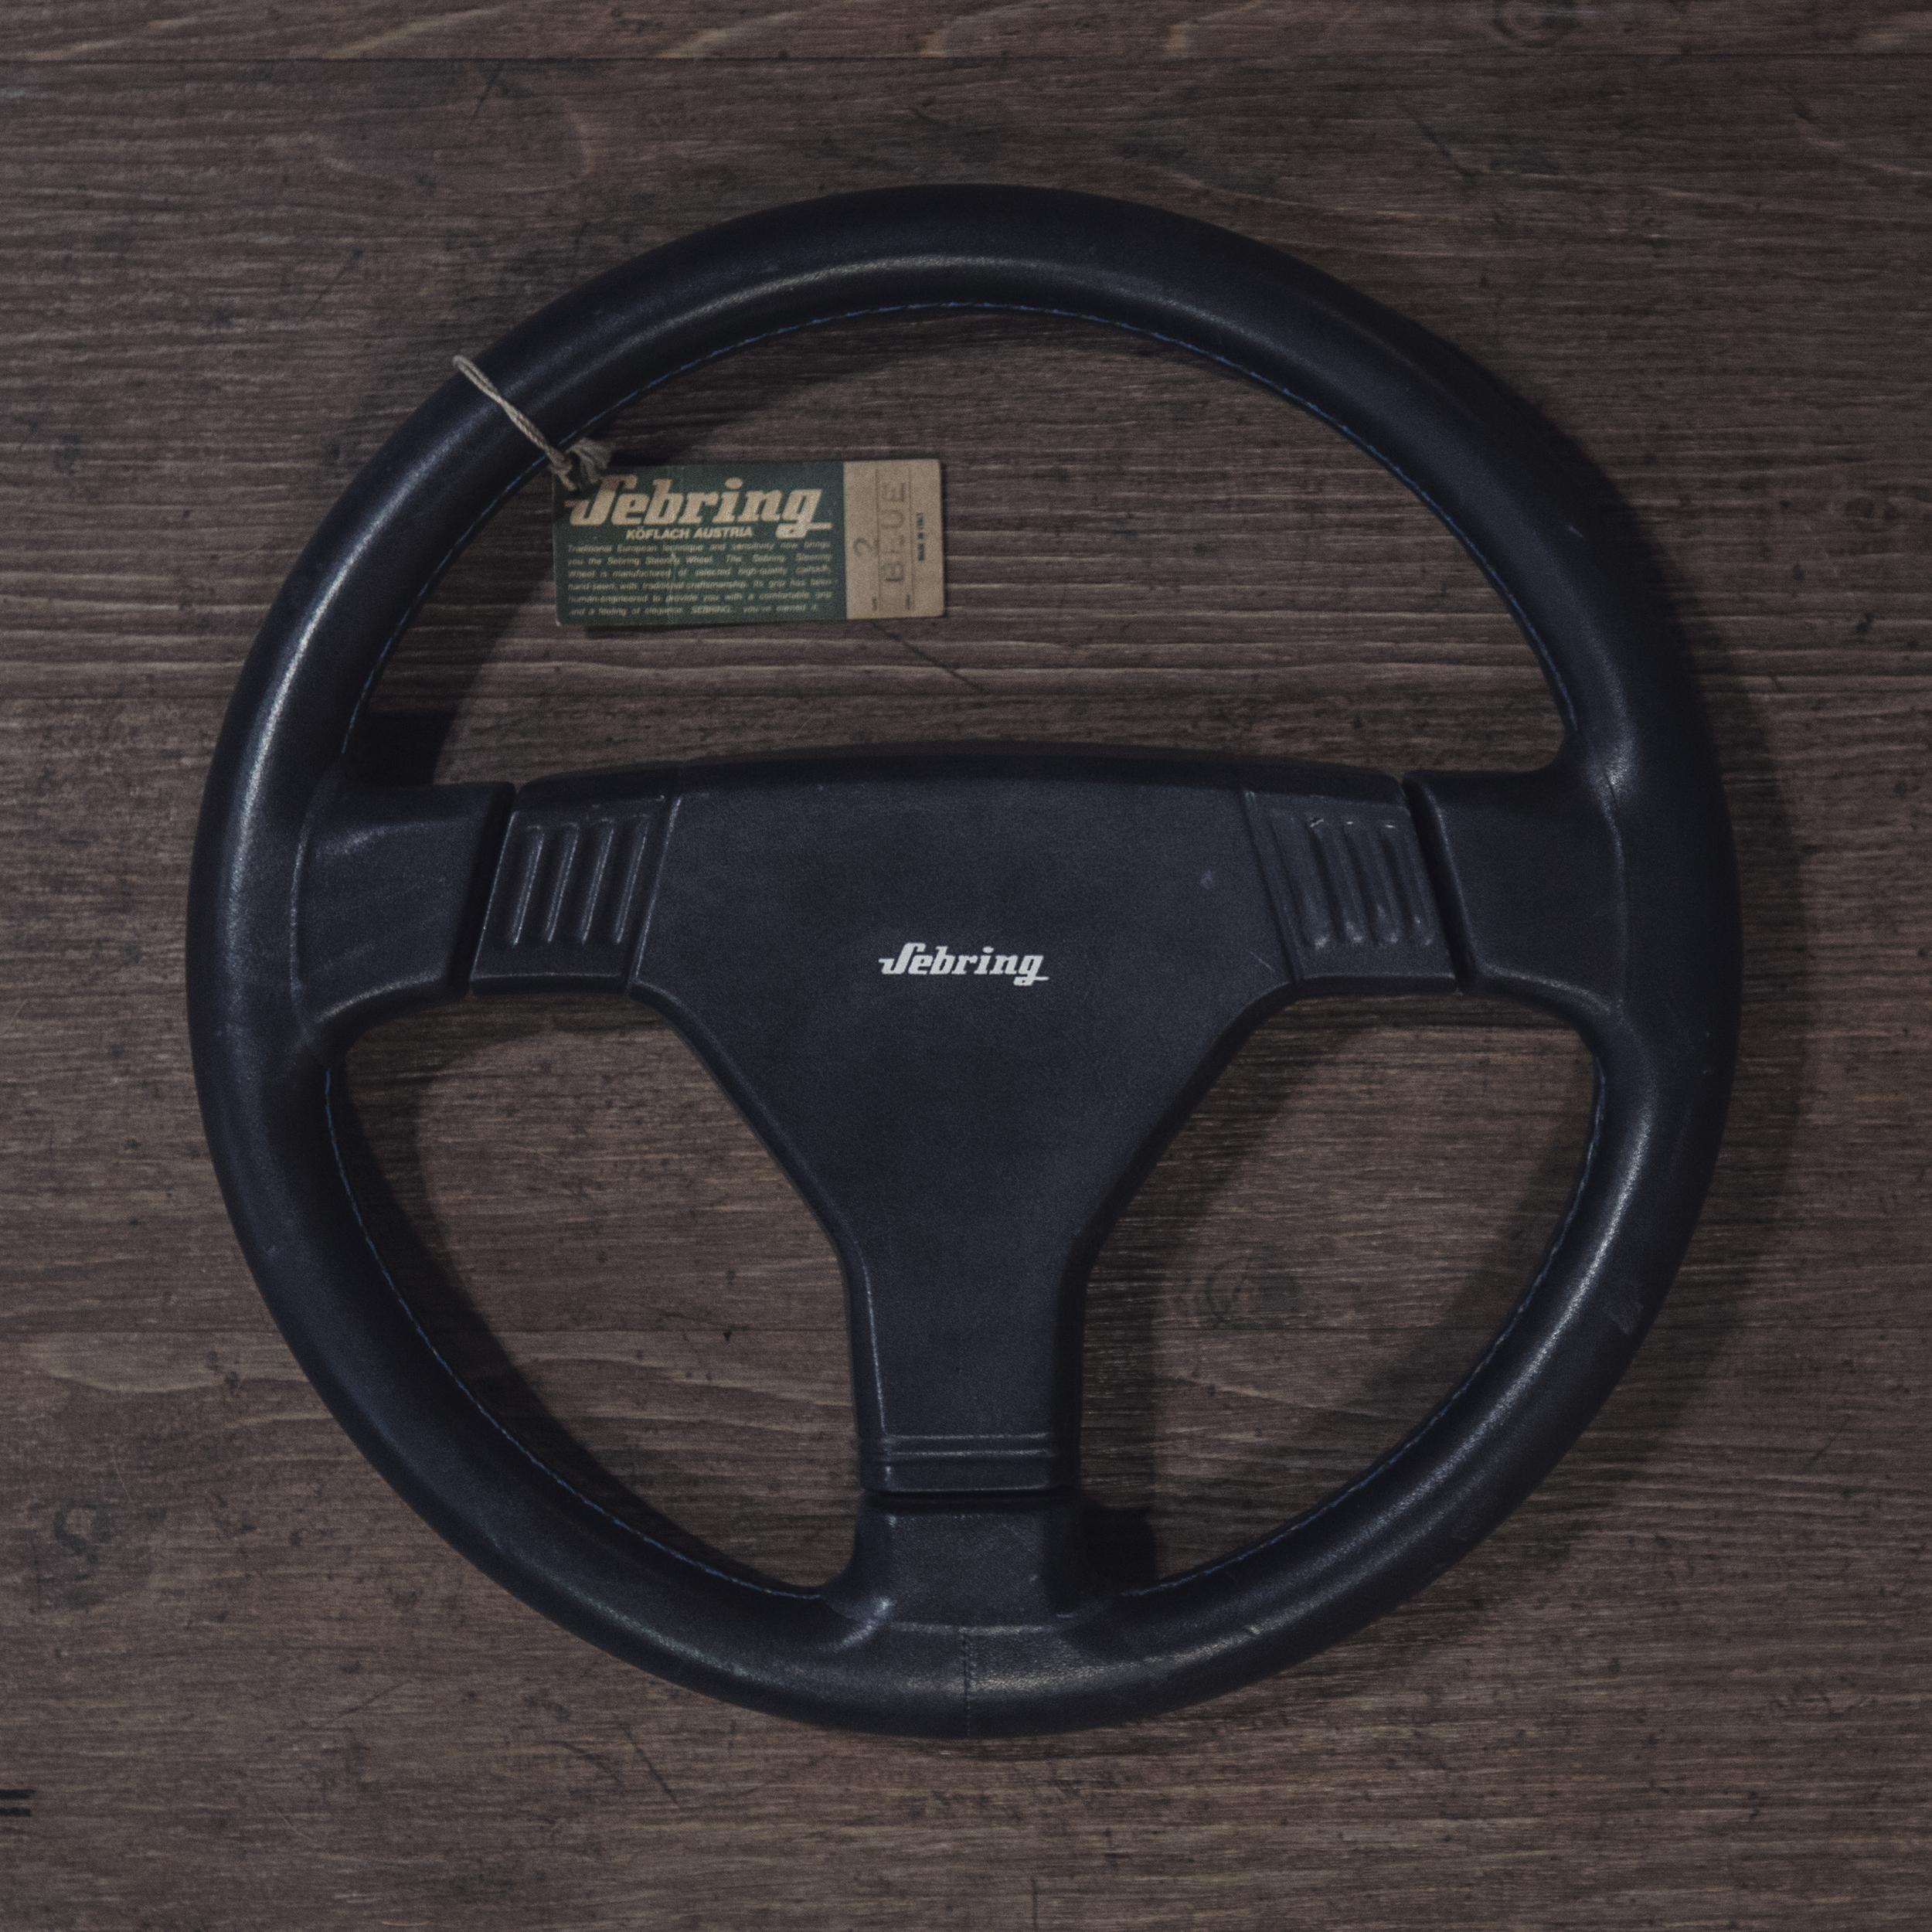 steering_wheels_sebring_01.jpg